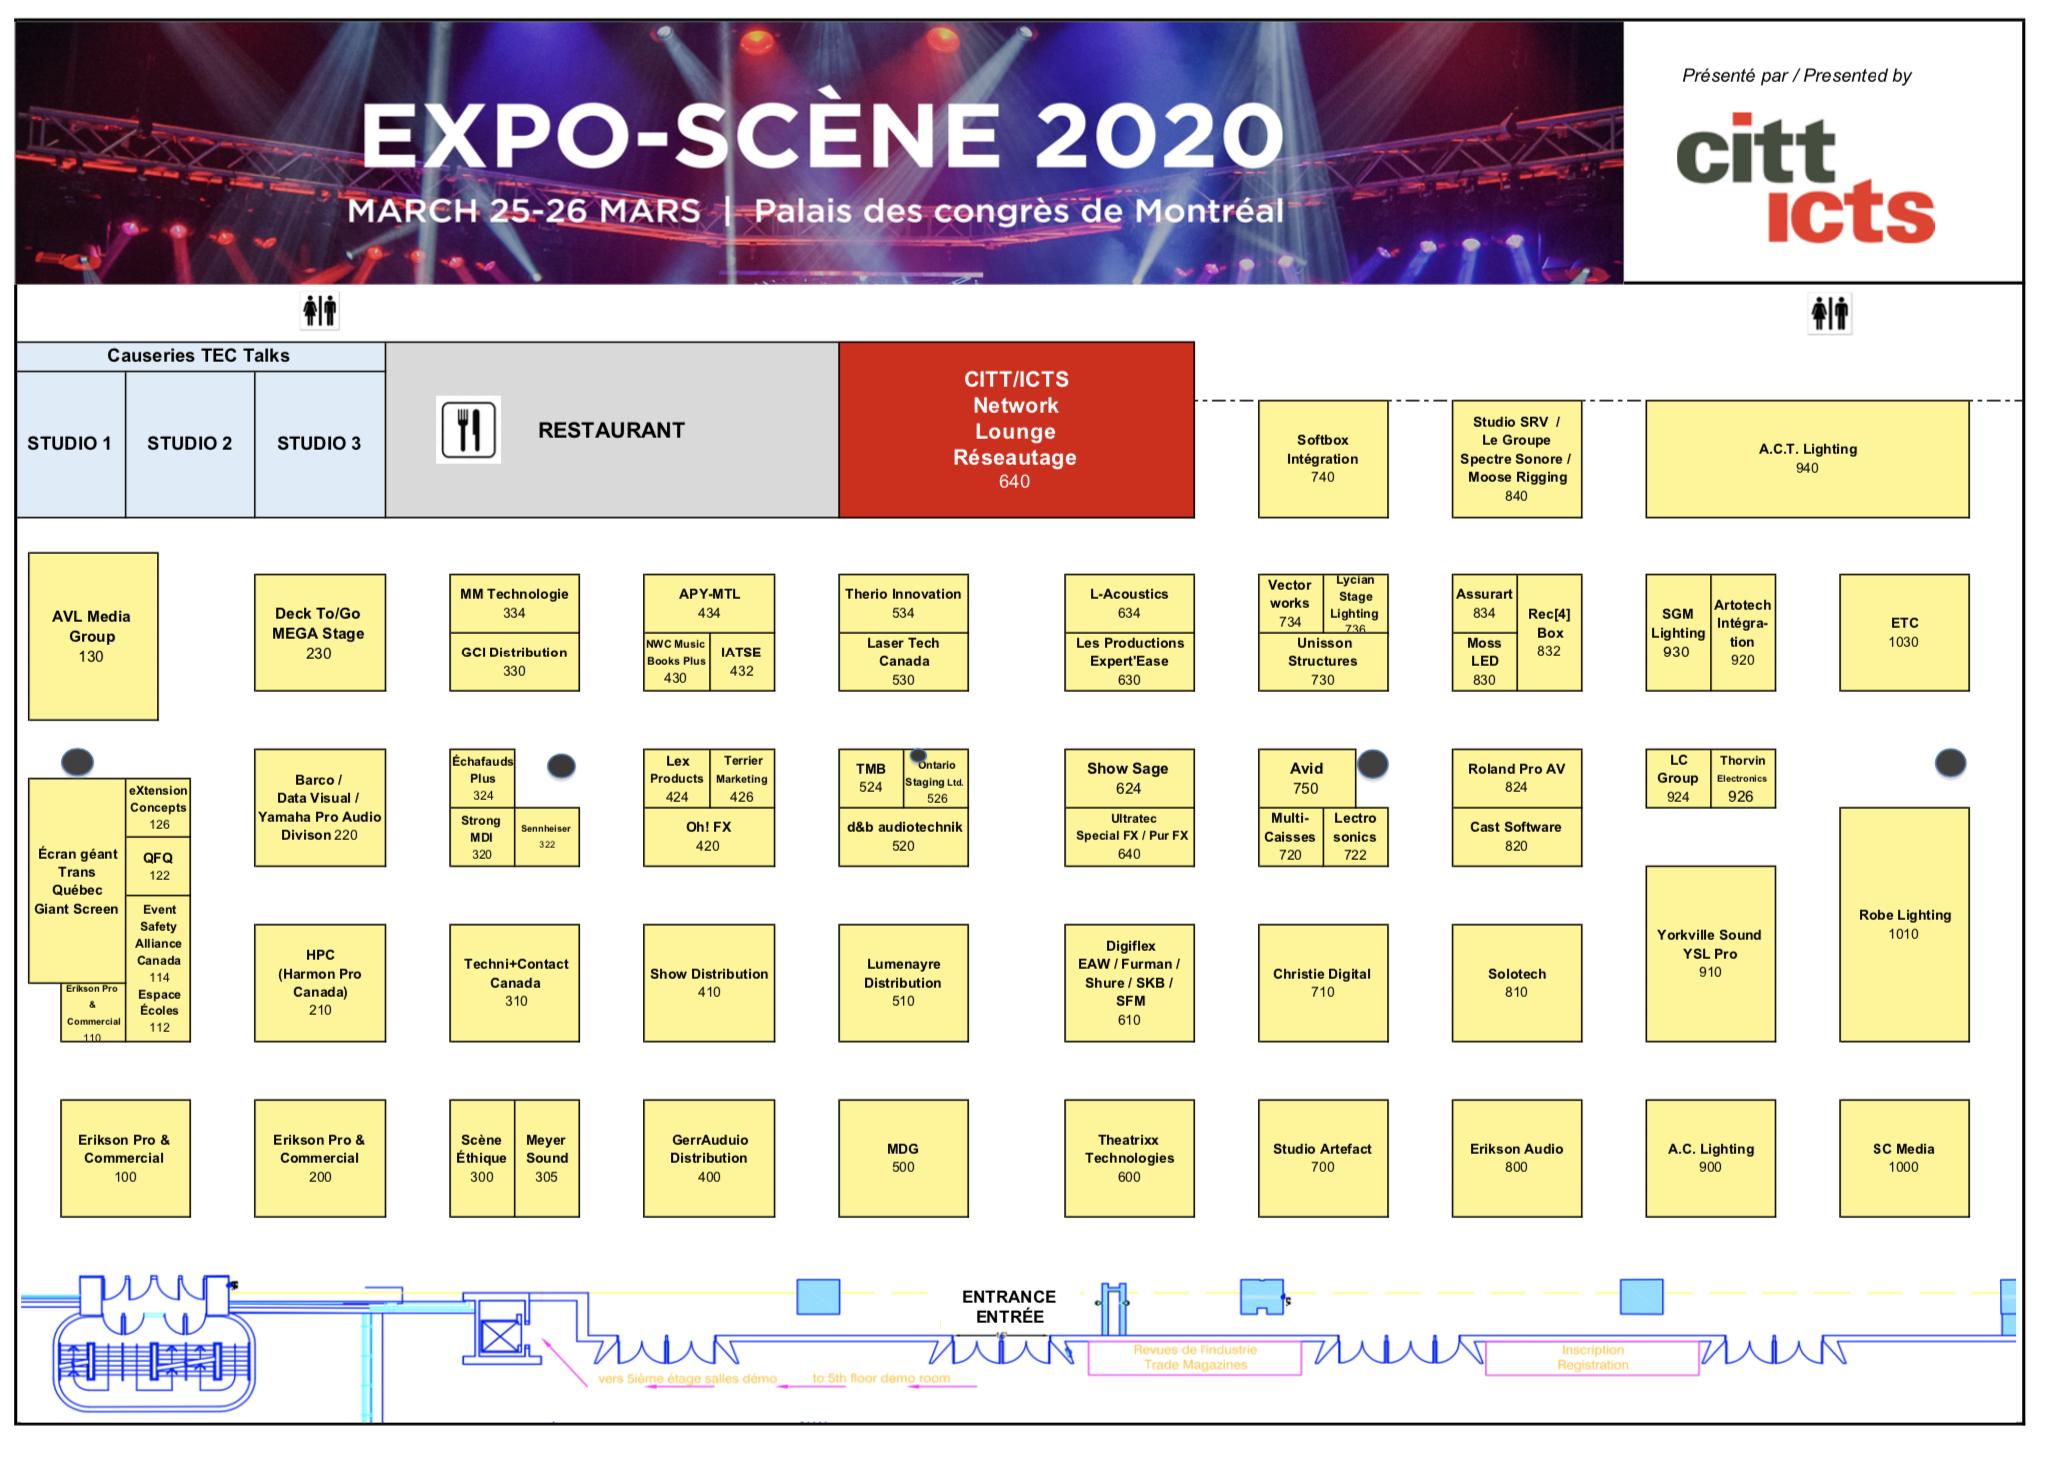 EXPO-SCÈNE 2020 floor plan